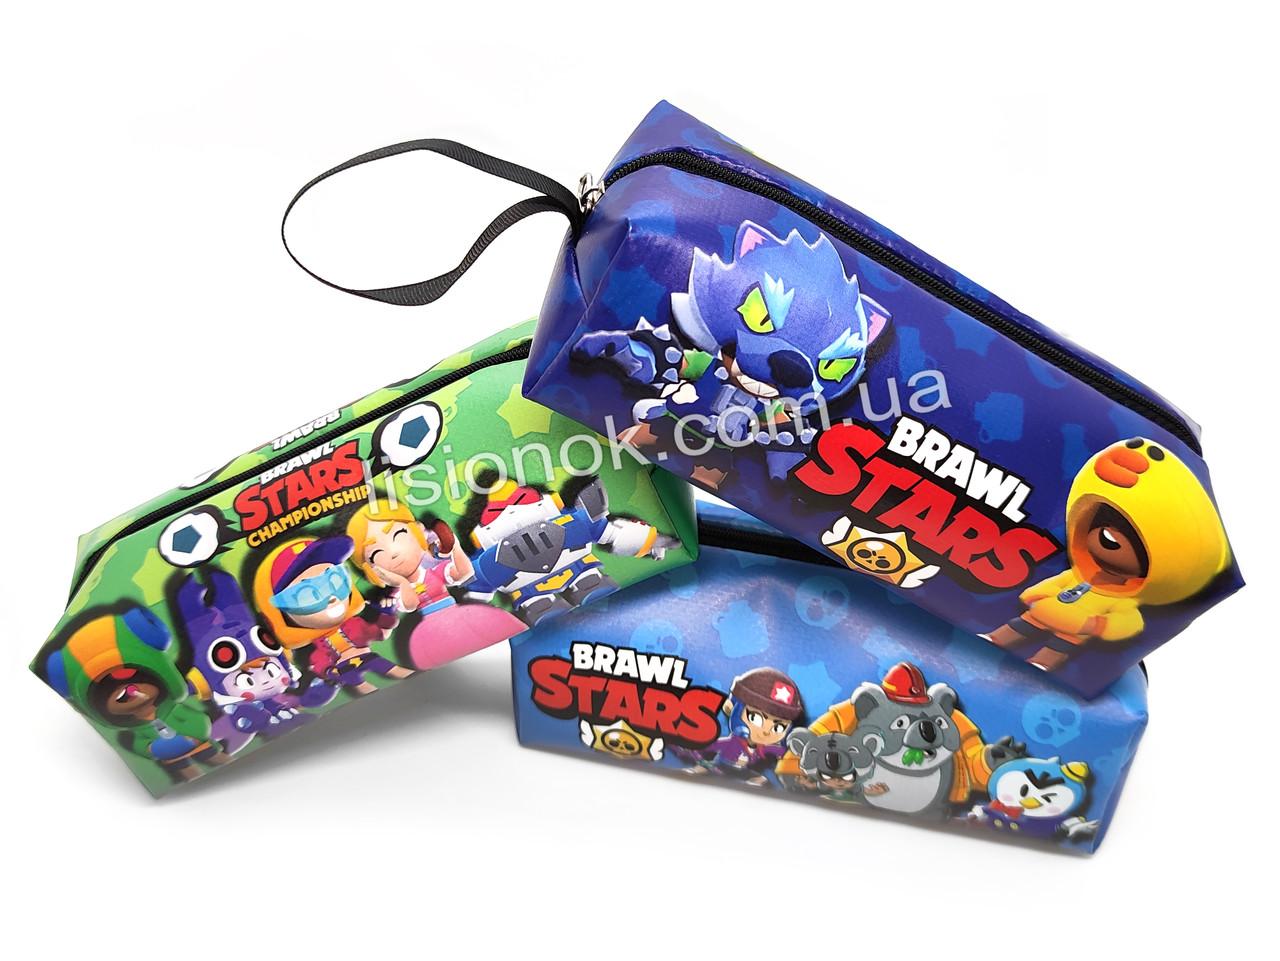 Пенал Stars для стильных и увлеченных игрой Старс детей и подростков